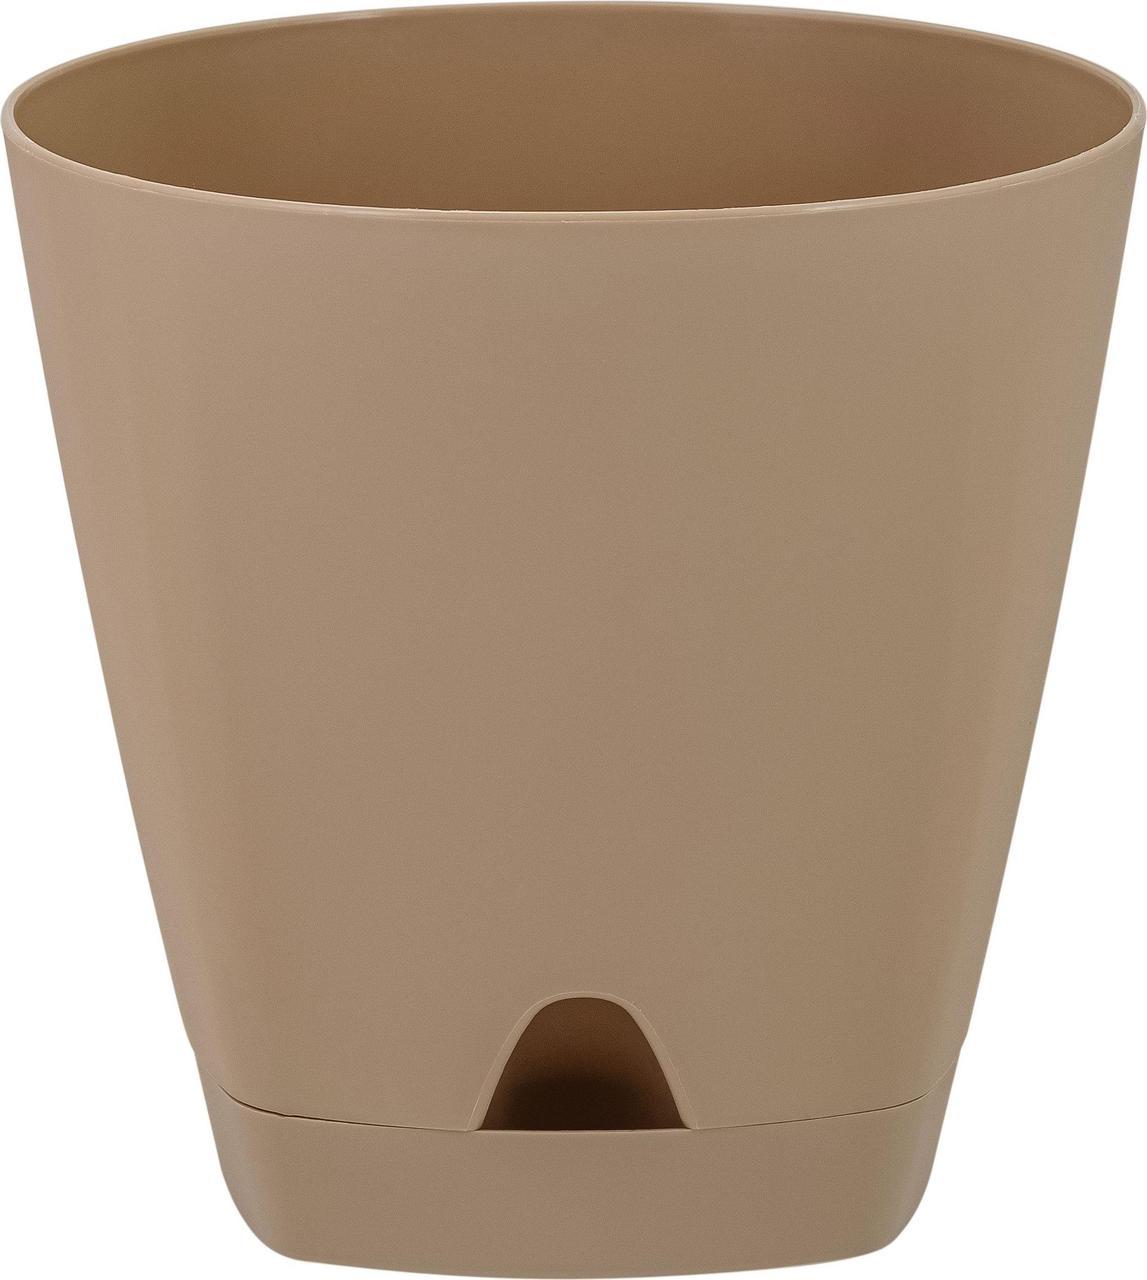 Горшок для цветов AMSTERDAM D 170 с прикорневым поливом 2,5 л Молочный Шоколад